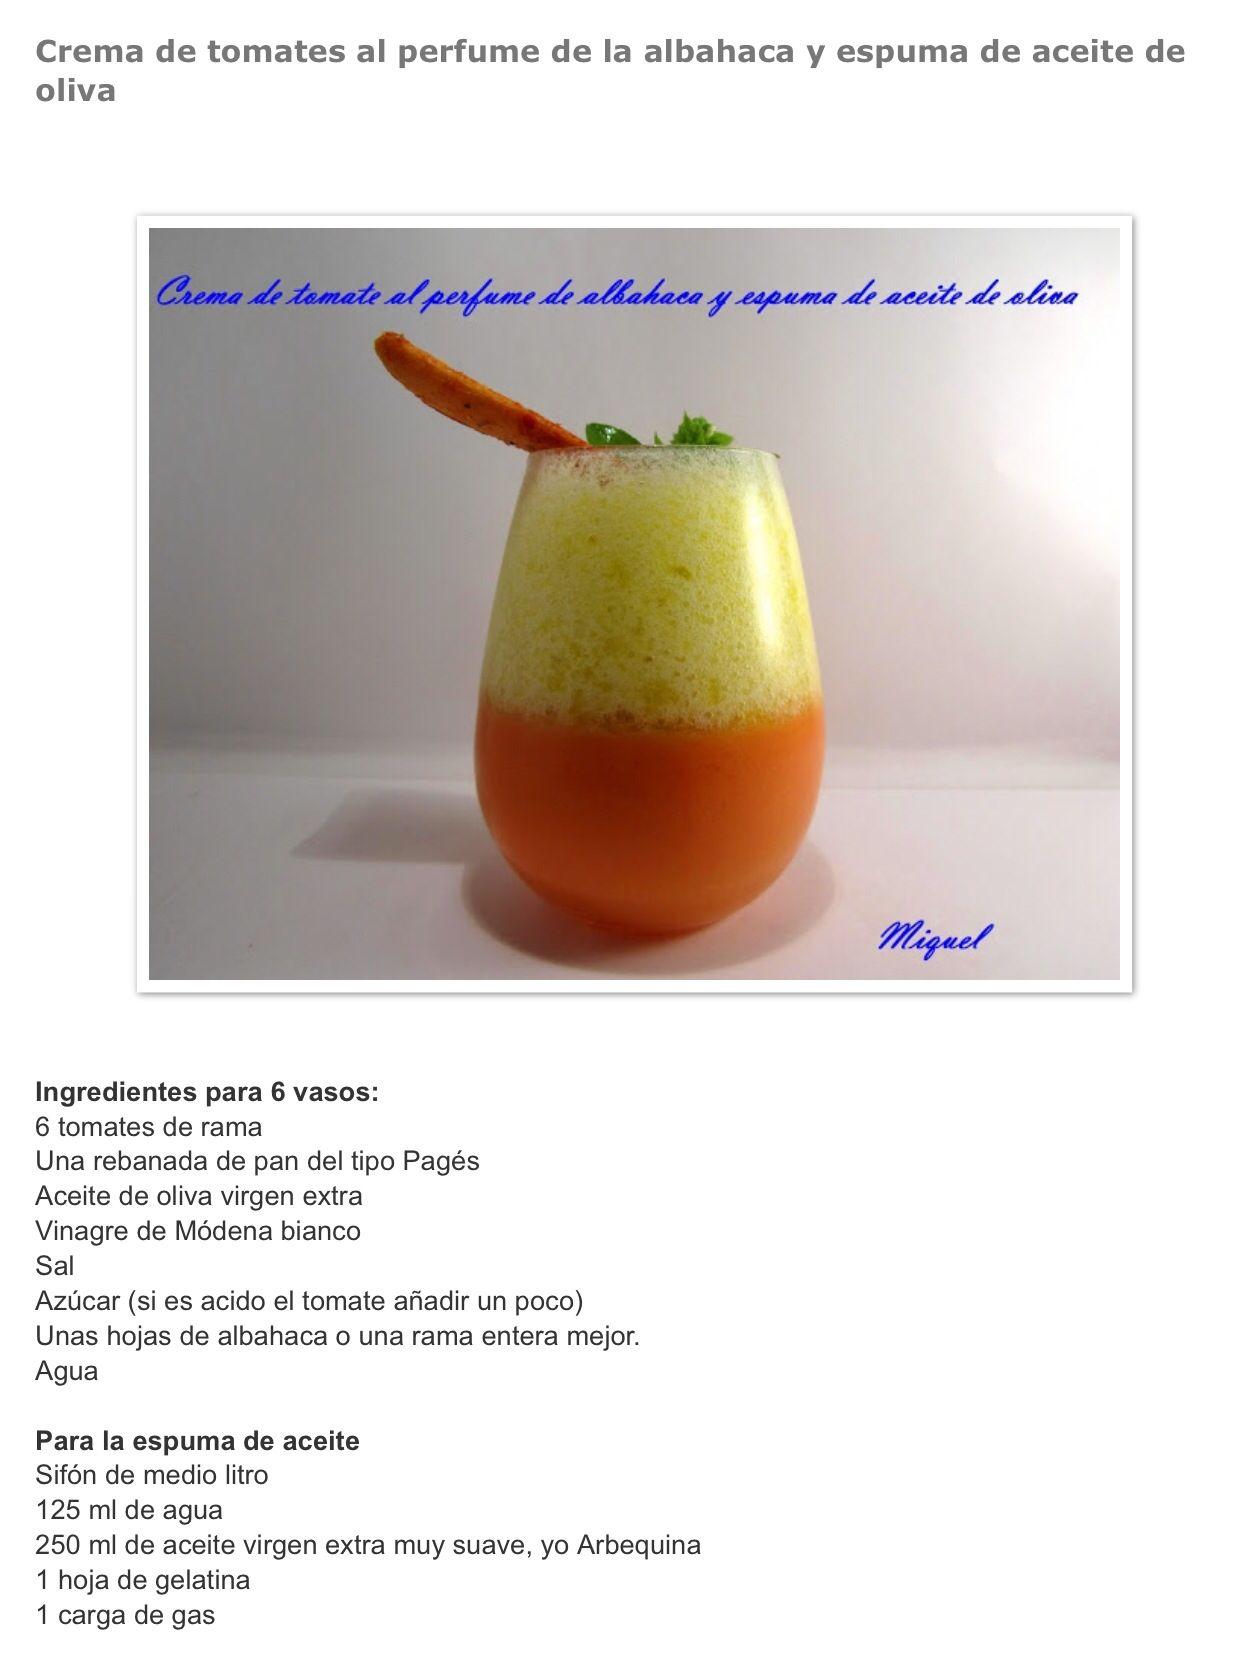 Espuma De Aceite Sifon Crema De Tomate Aceite De Oliva Virgen